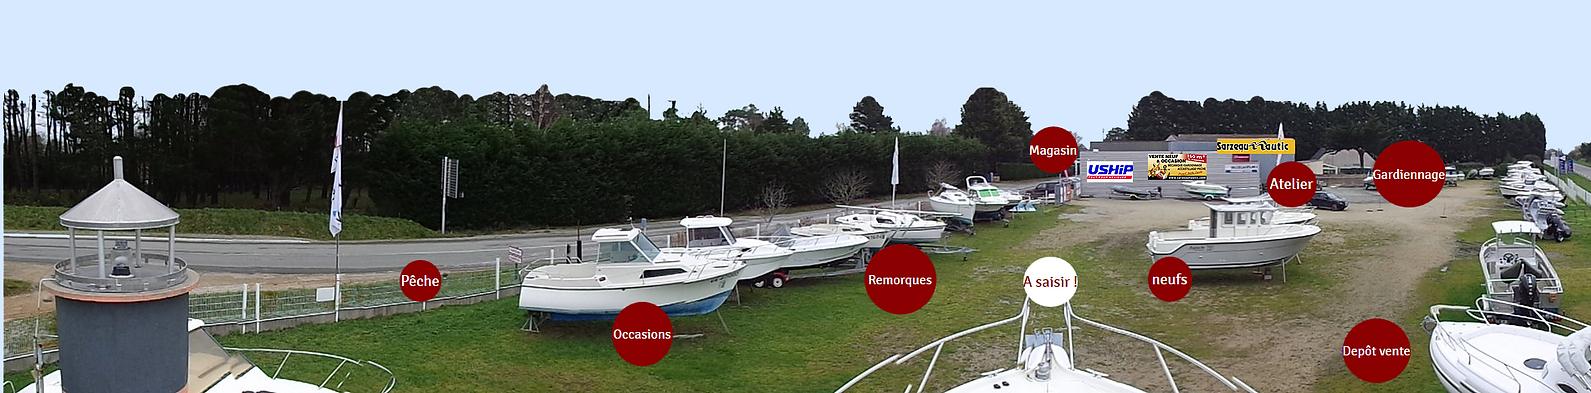 chantier naval bretagne sud sarzeau  nautic  exposition bateau neuf et occasion